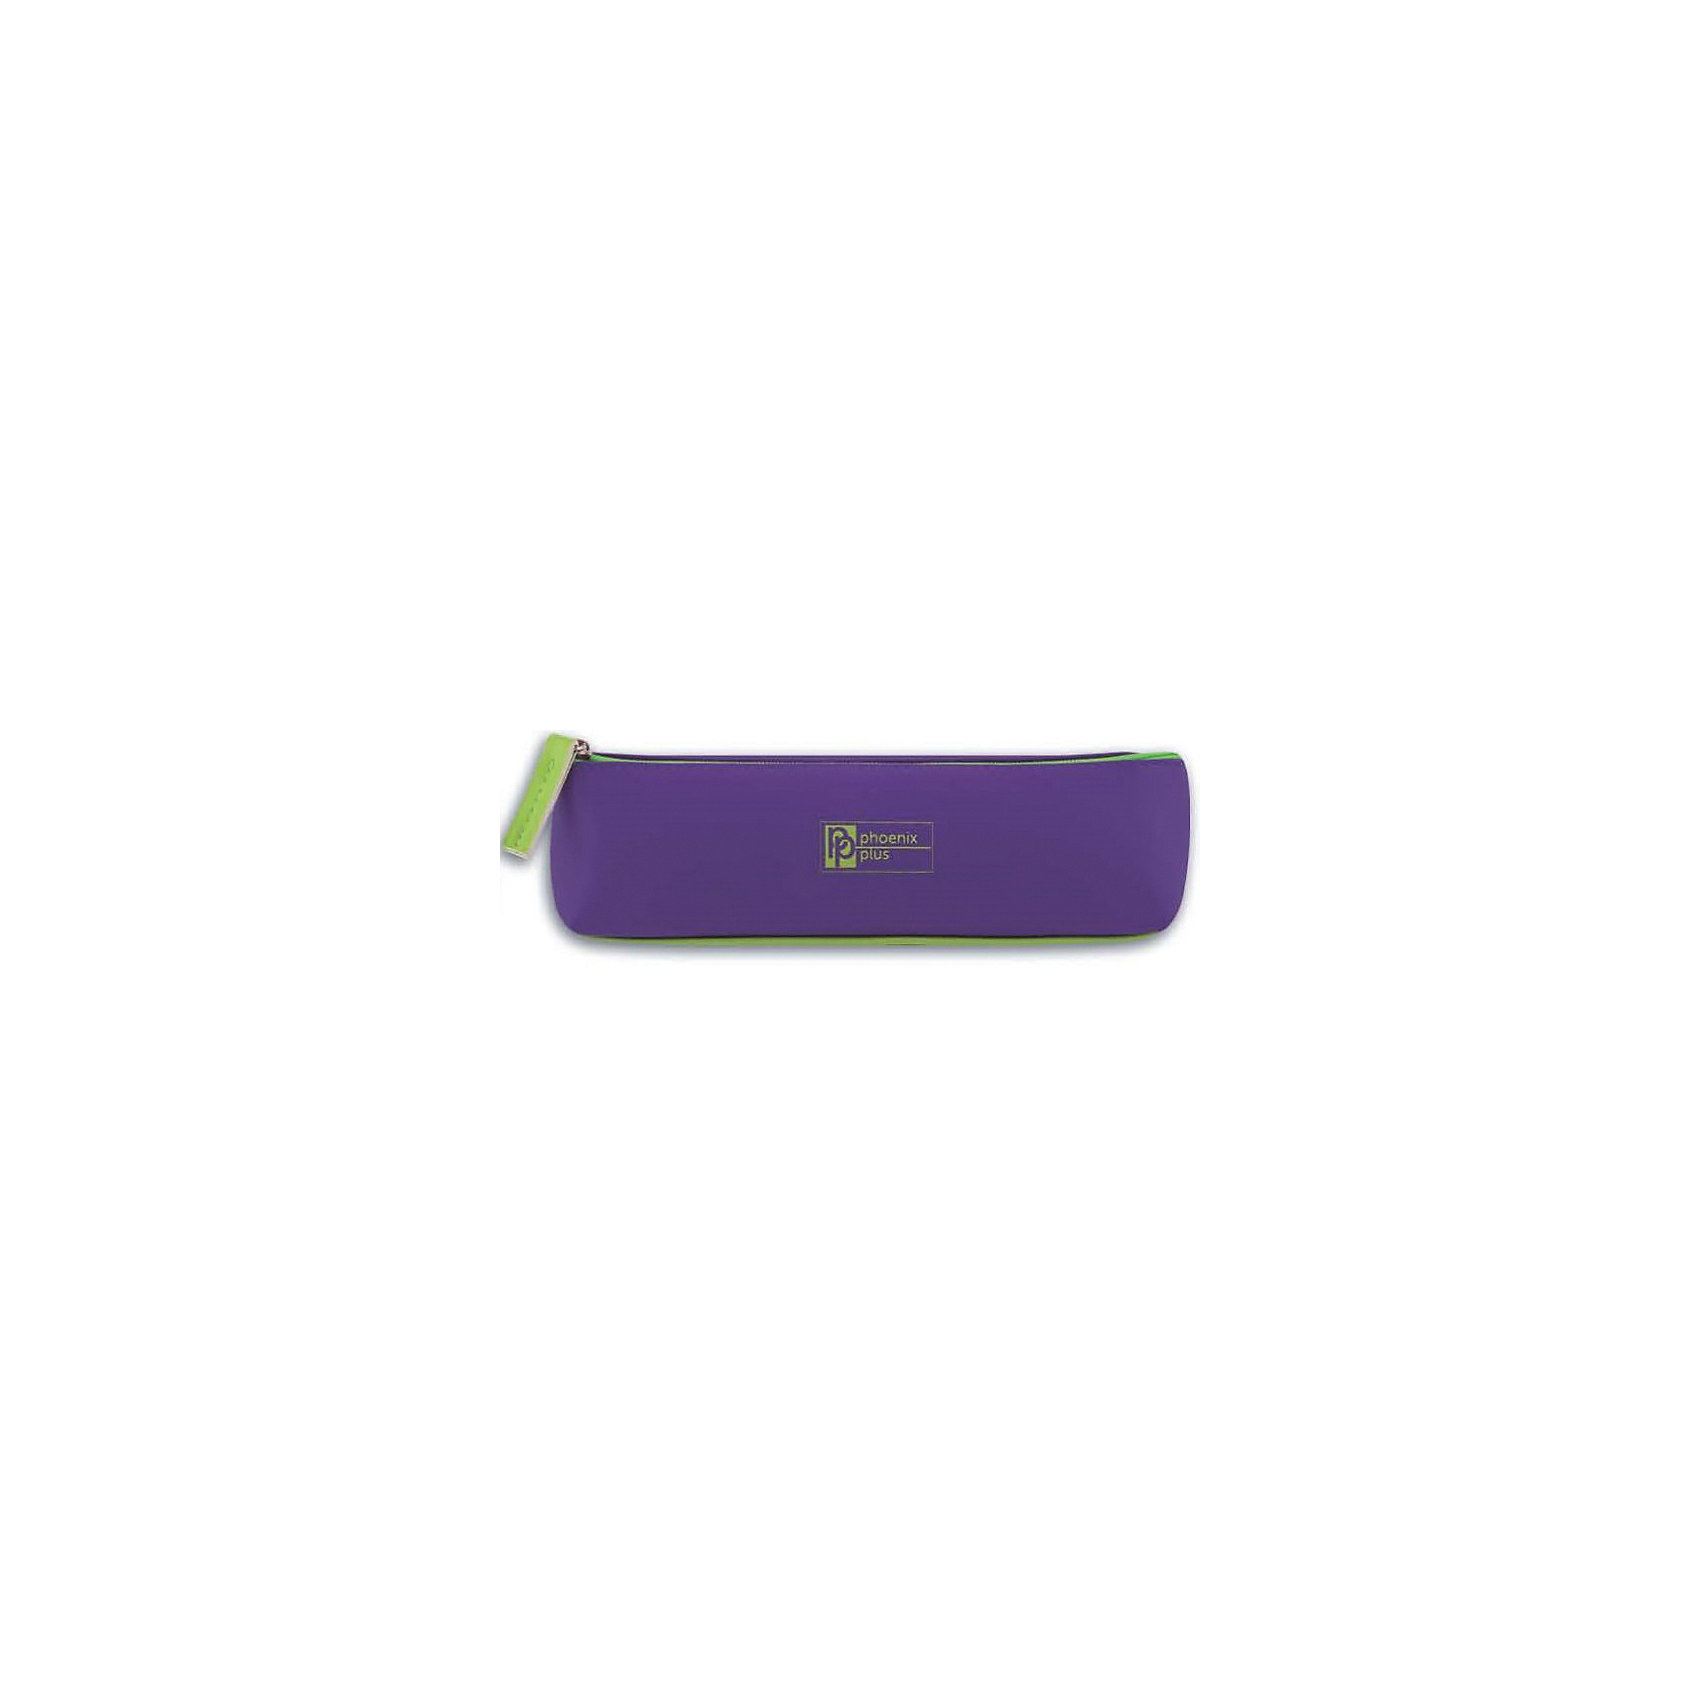 Пенал школьный Феникс+, фиолетовый и салатовыйПеналы без наполнения<br>Пенал школьный ФИОЛЕТОВЫЙ И САЛАТОВЫЙ (без наполнения, 19х5,5x5см, кожзам., застеж.-молния, инд. ПЭТ-упак.)<br><br>Ширина мм: 210<br>Глубина мм: 50<br>Высота мм: 50<br>Вес г: 40<br>Возраст от месяцев: 72<br>Возраст до месяцев: 2147483647<br>Пол: Унисекс<br>Возраст: Детский<br>SKU: 7046363